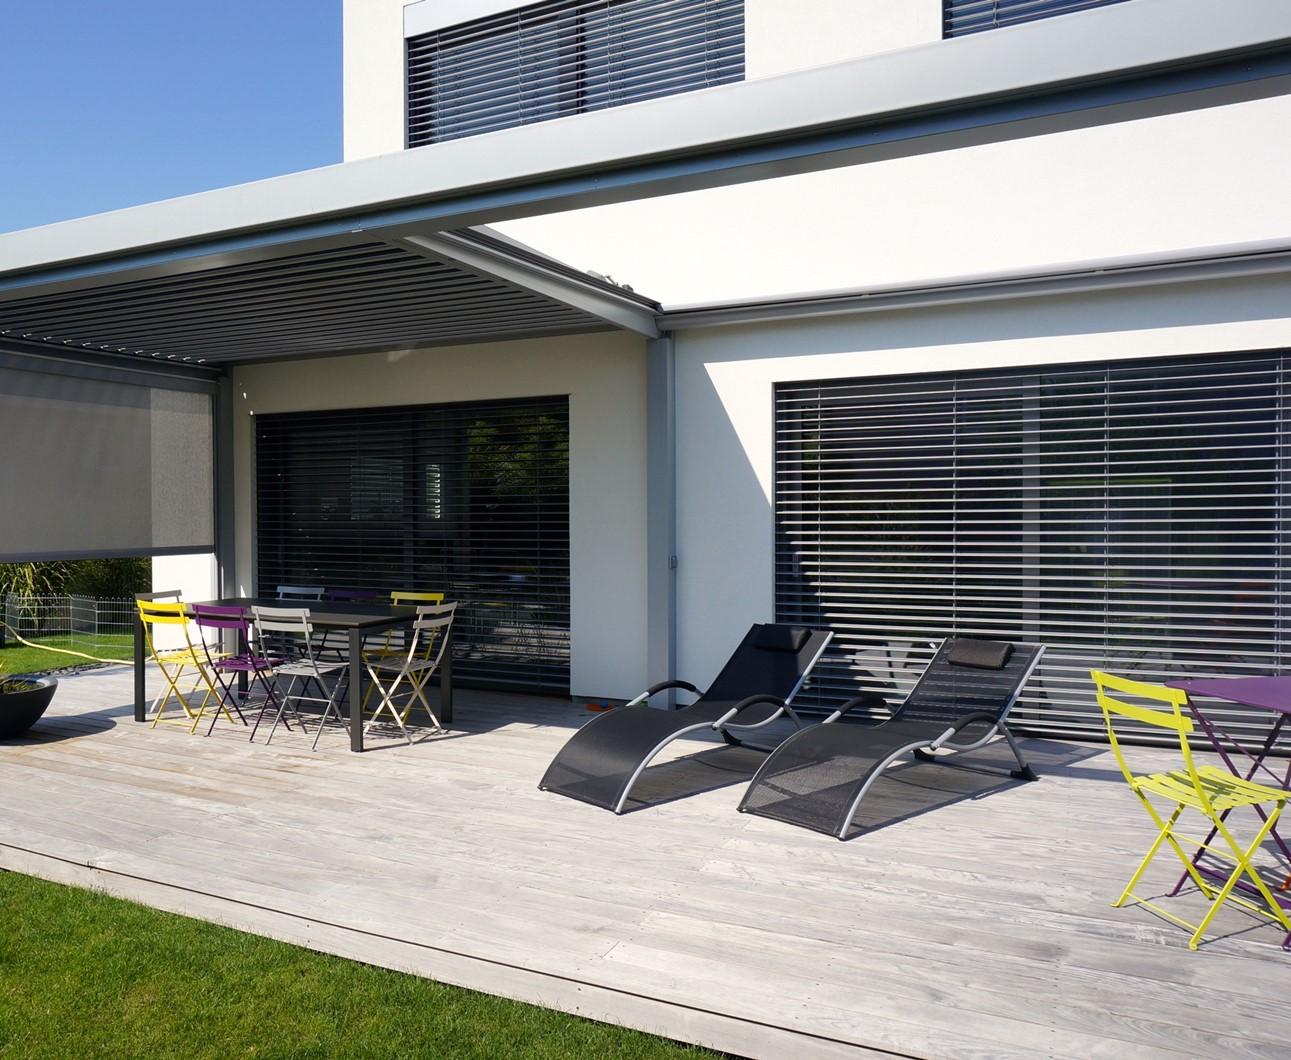 constructeur de maisons passive colmar haut rhin 68 alsace. Black Bedroom Furniture Sets. Home Design Ideas